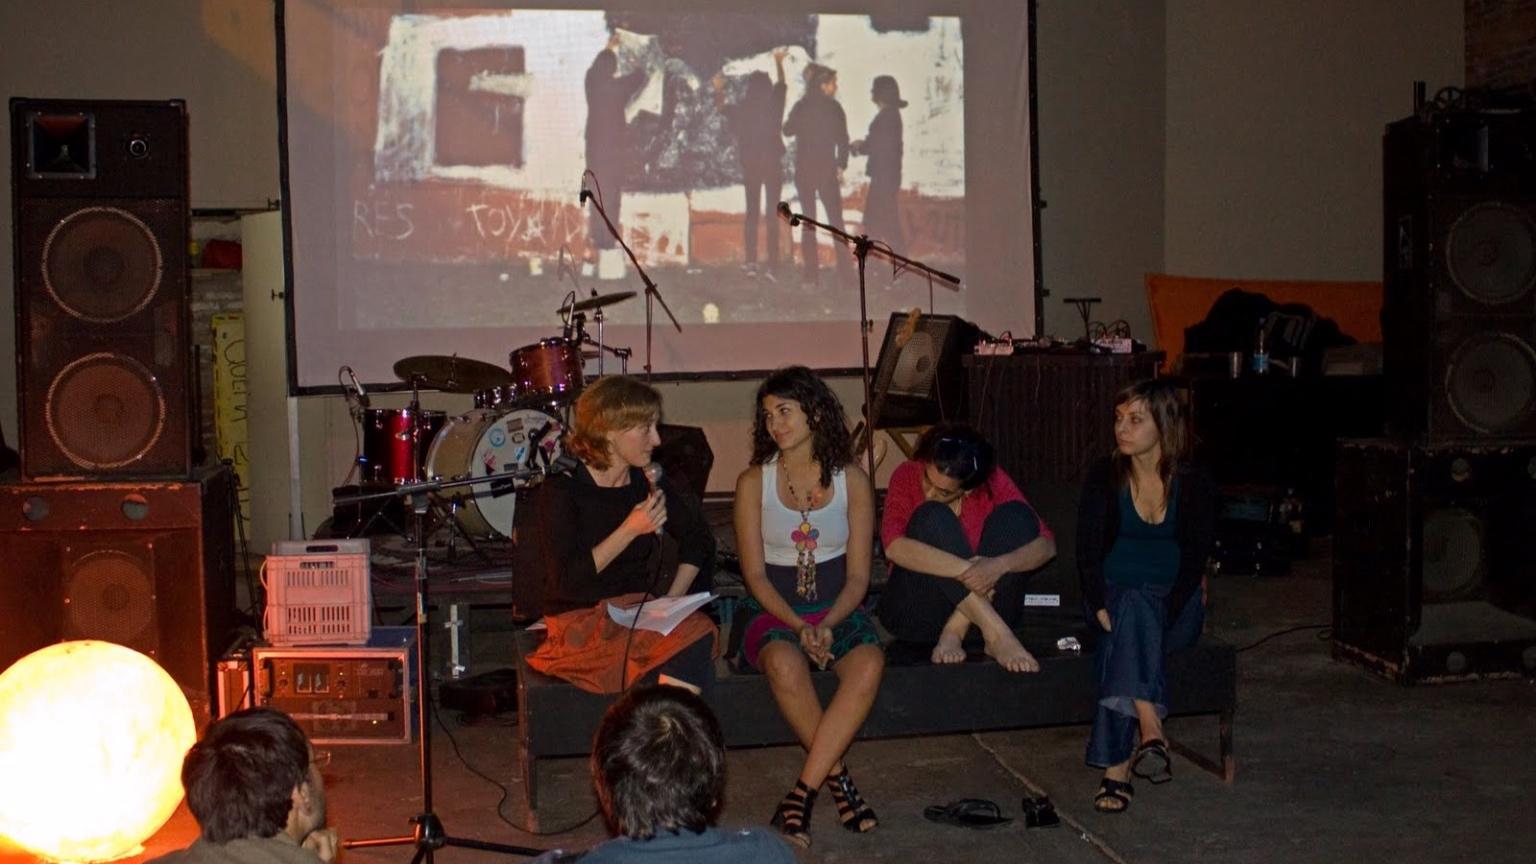 Presentación en el galpón de La Grieta, La Plata. 4 de diciembre de 2009 (from https://grupodeartecallejero.wordpress.com)